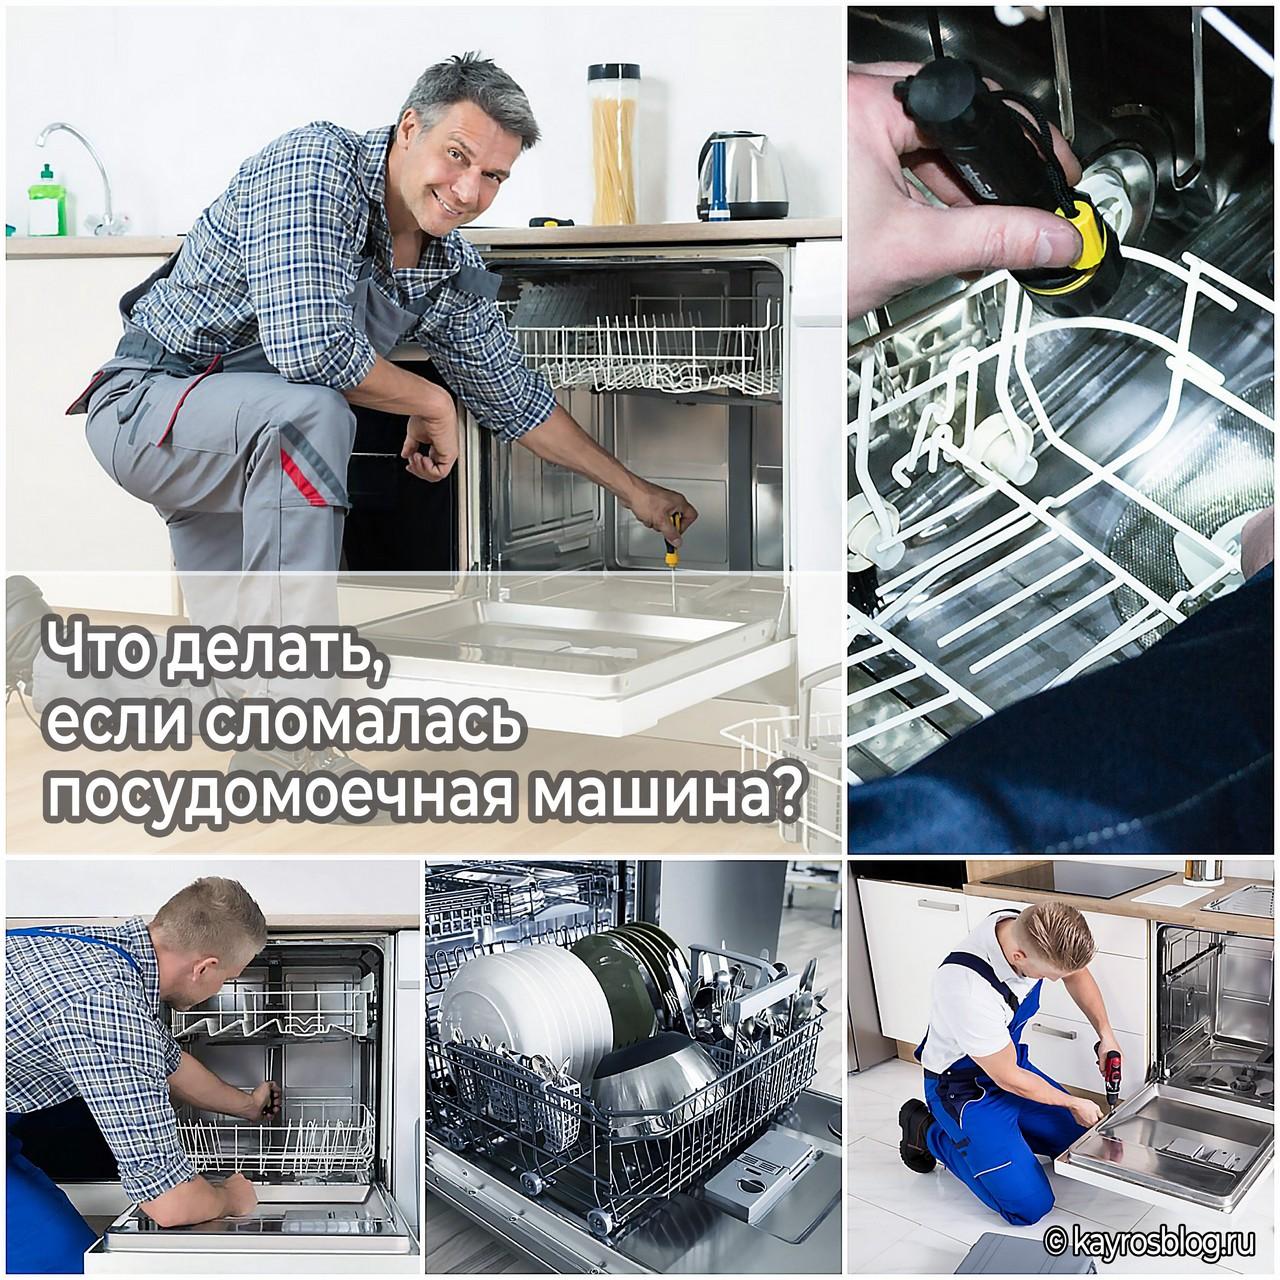 Что делать, если сломалась посудомоечная машина